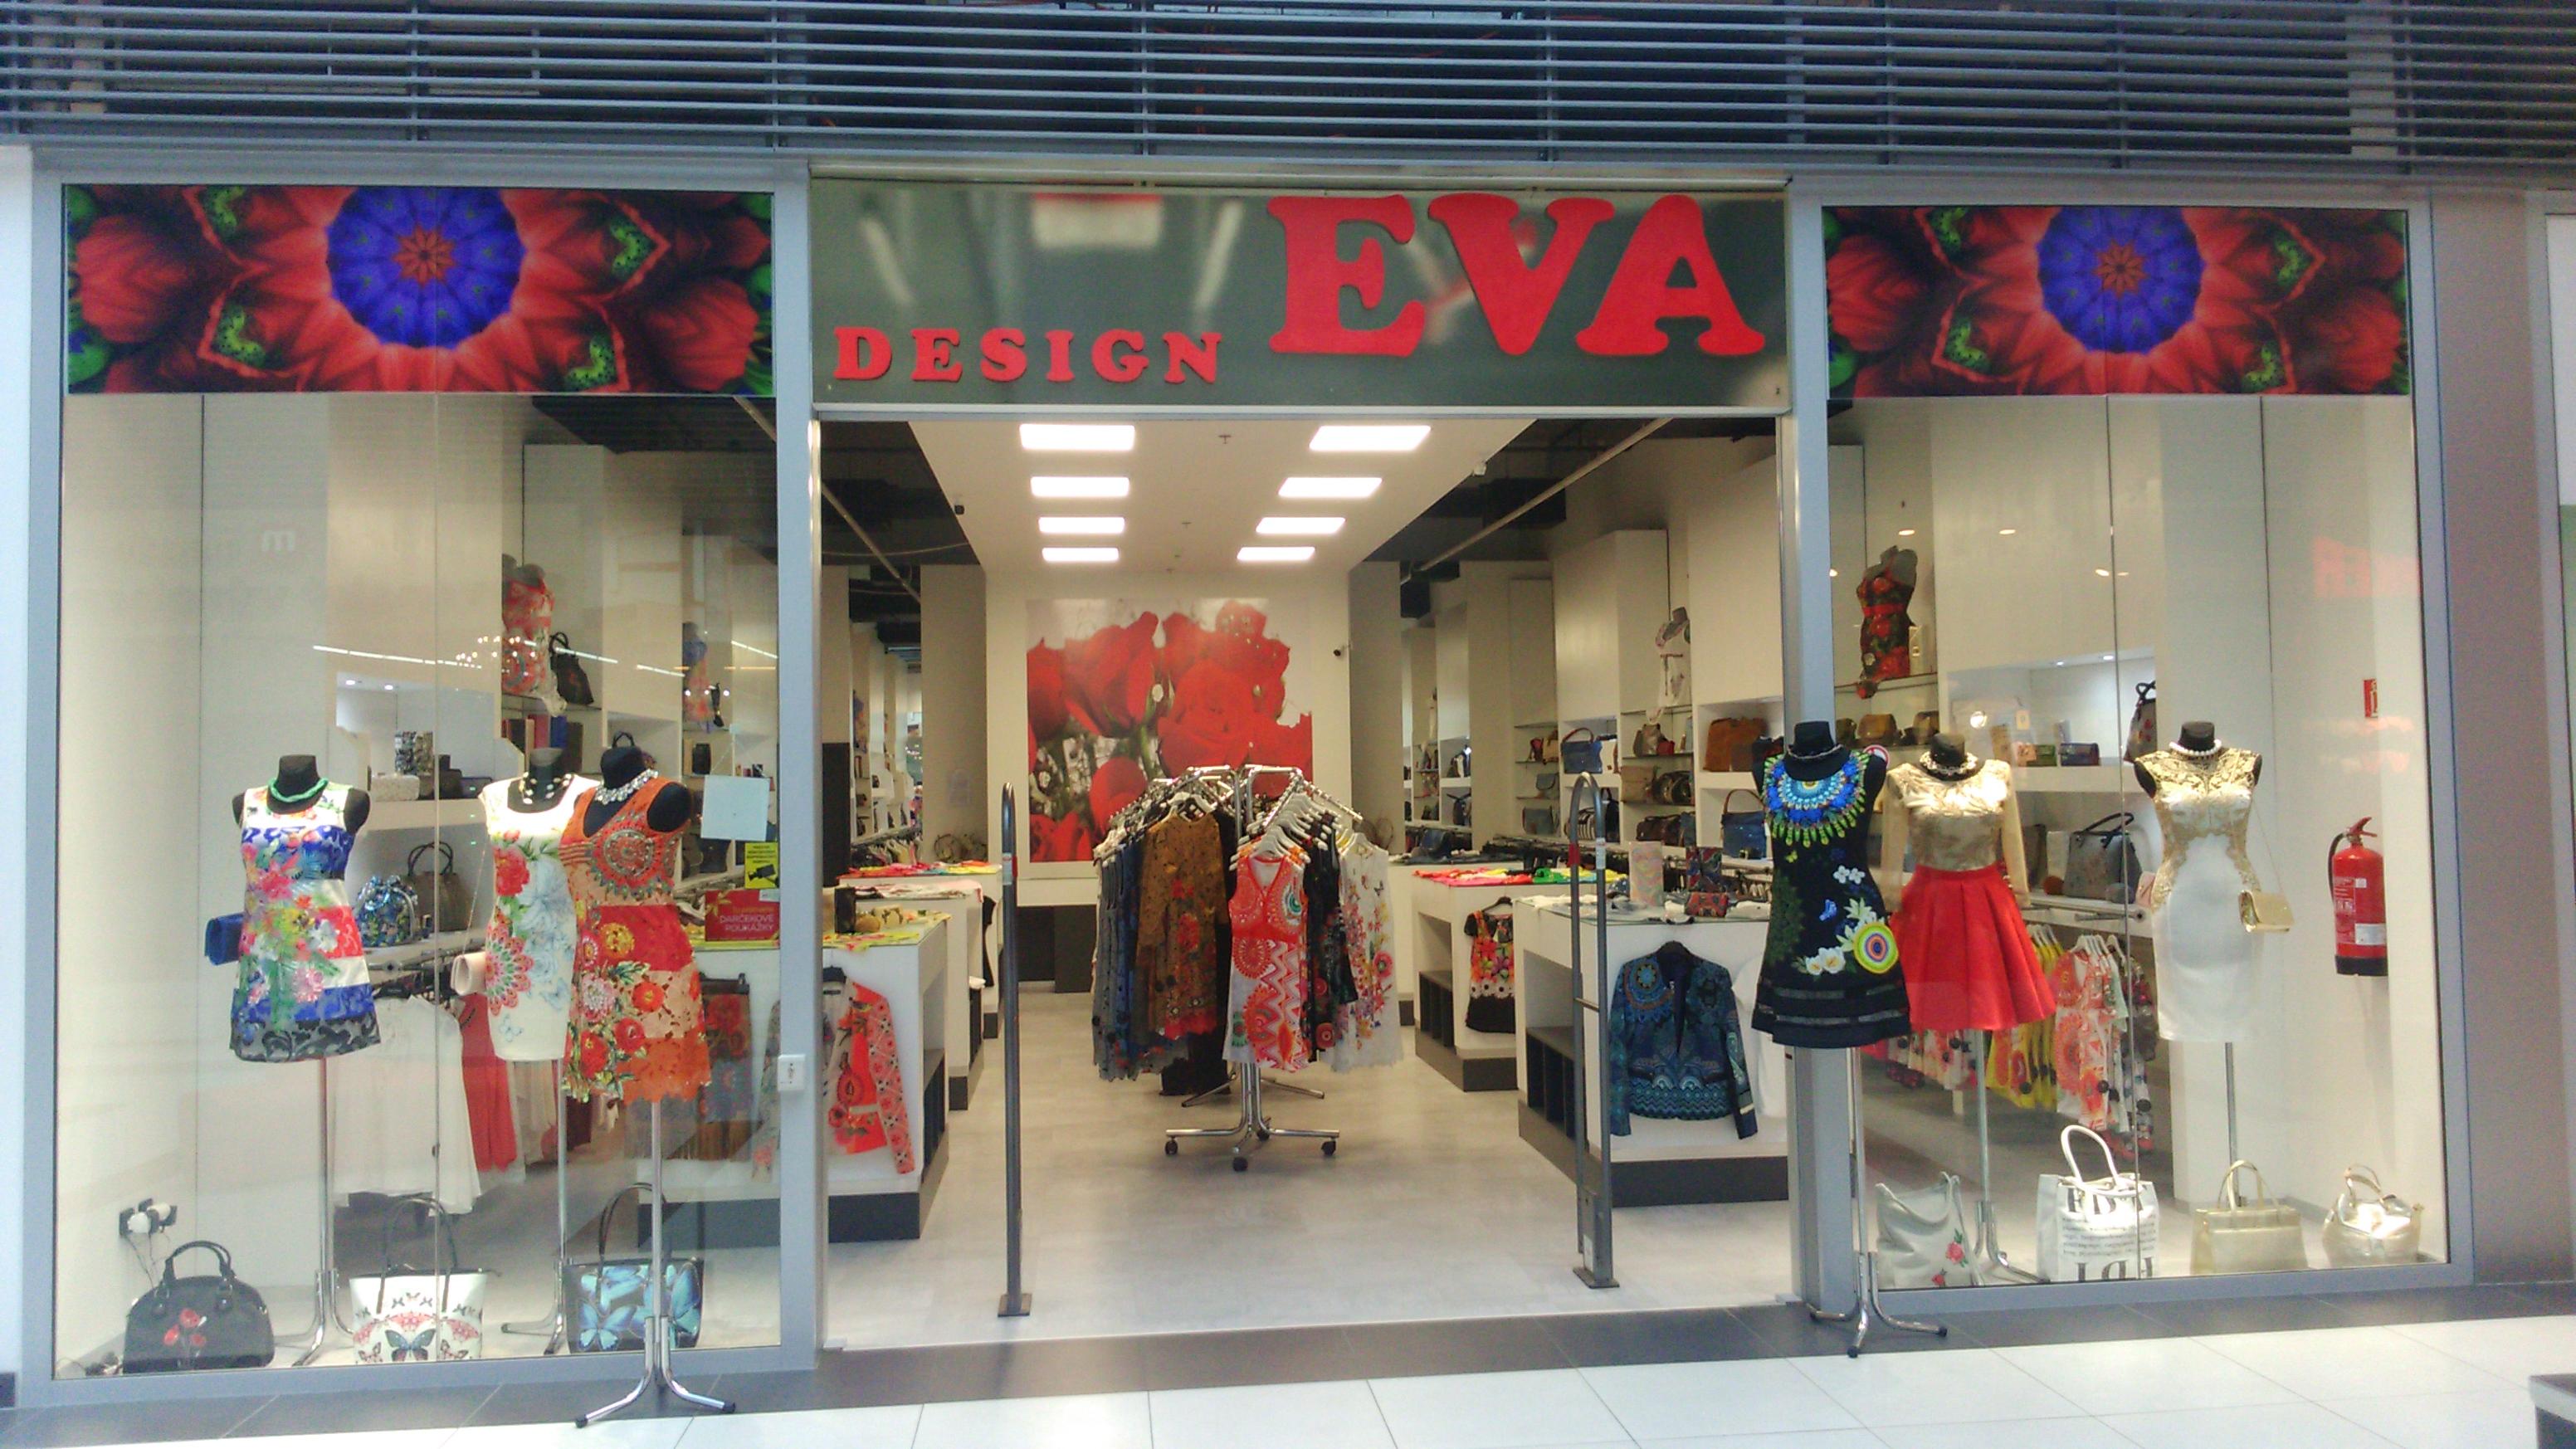 kamenný obchod Design Eva